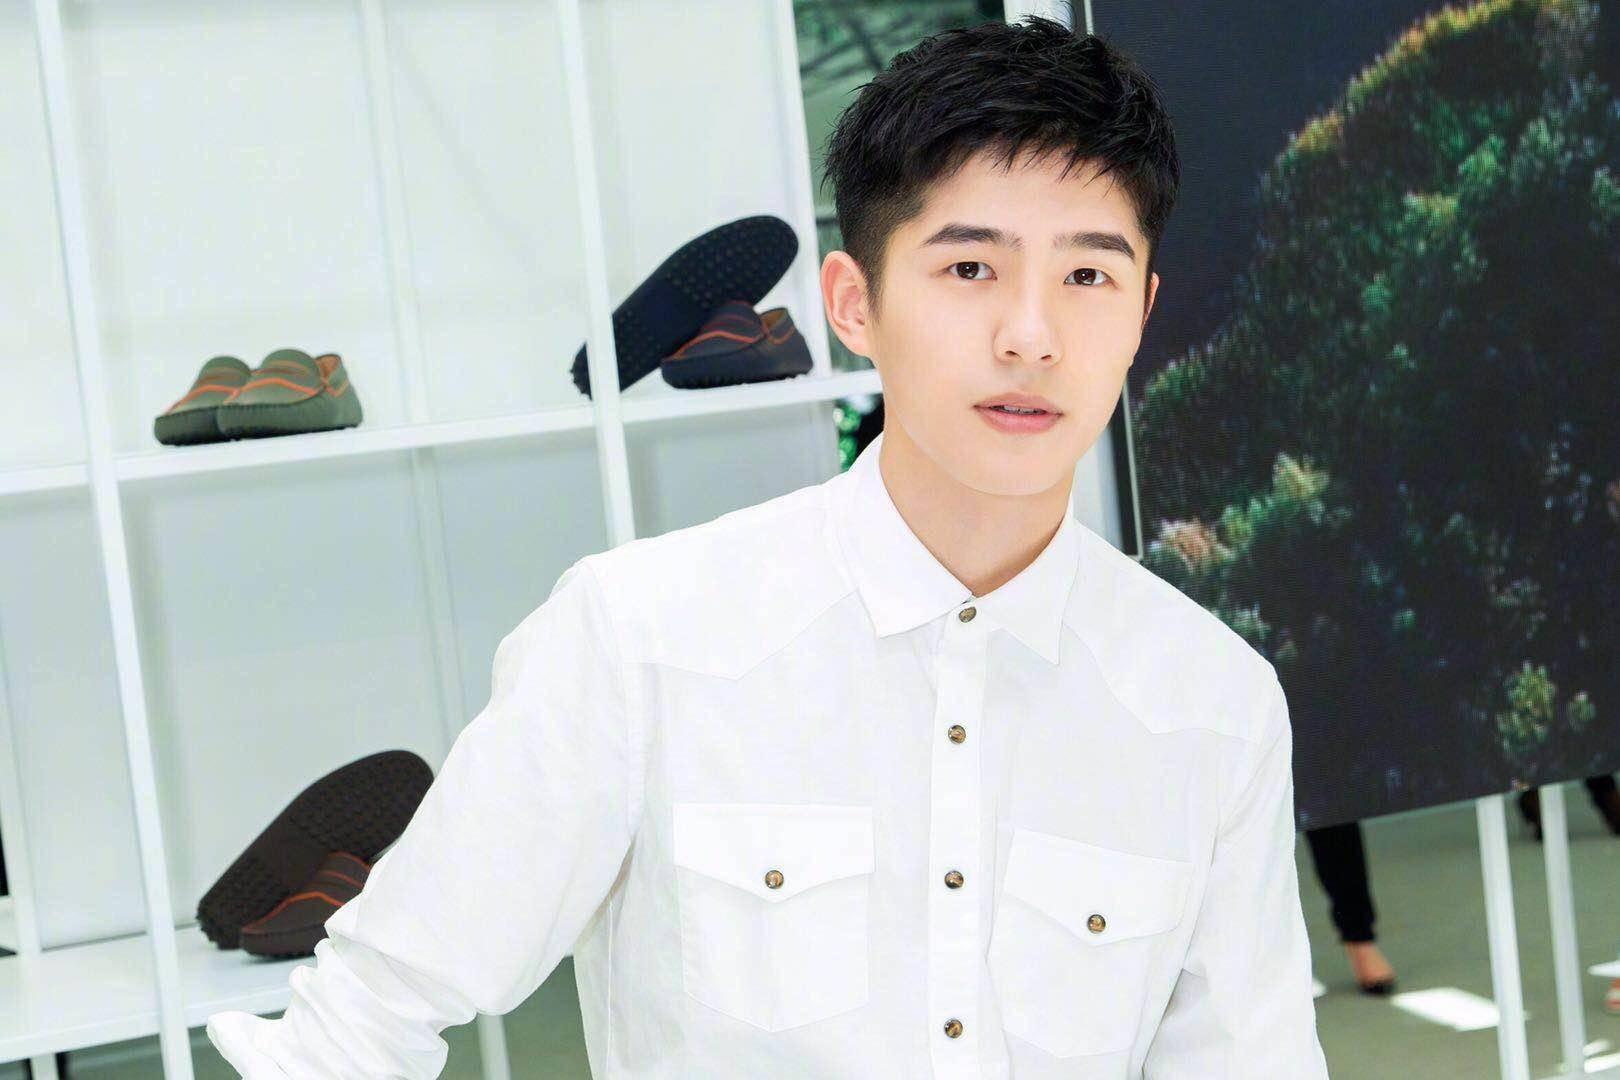 同是 90后,刘昊然著作持续受五星好评,吴磊却褒贬各半,仅因这个方面